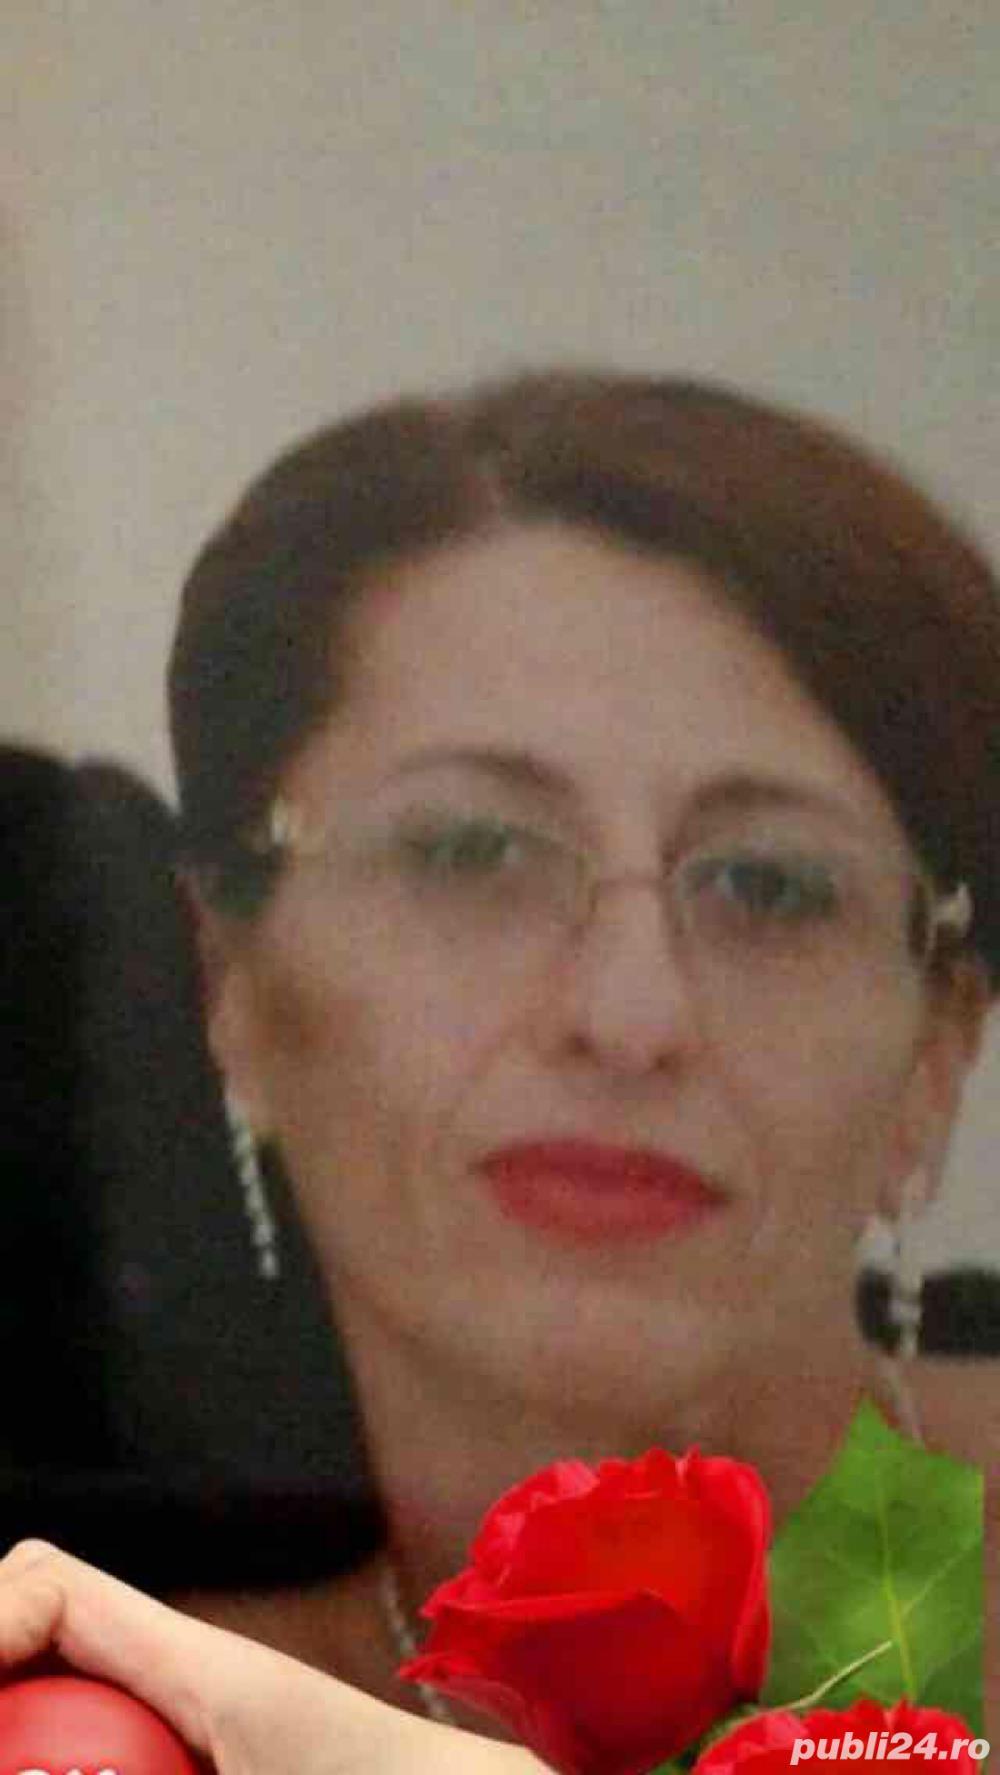 SOLiCiT ANGAJARE/colaborare: CROiTOREASĂ/Tiparistă EXPERiENȚĂ EXECUTARE ROCHi  SEARĂ și de MiREASĂ